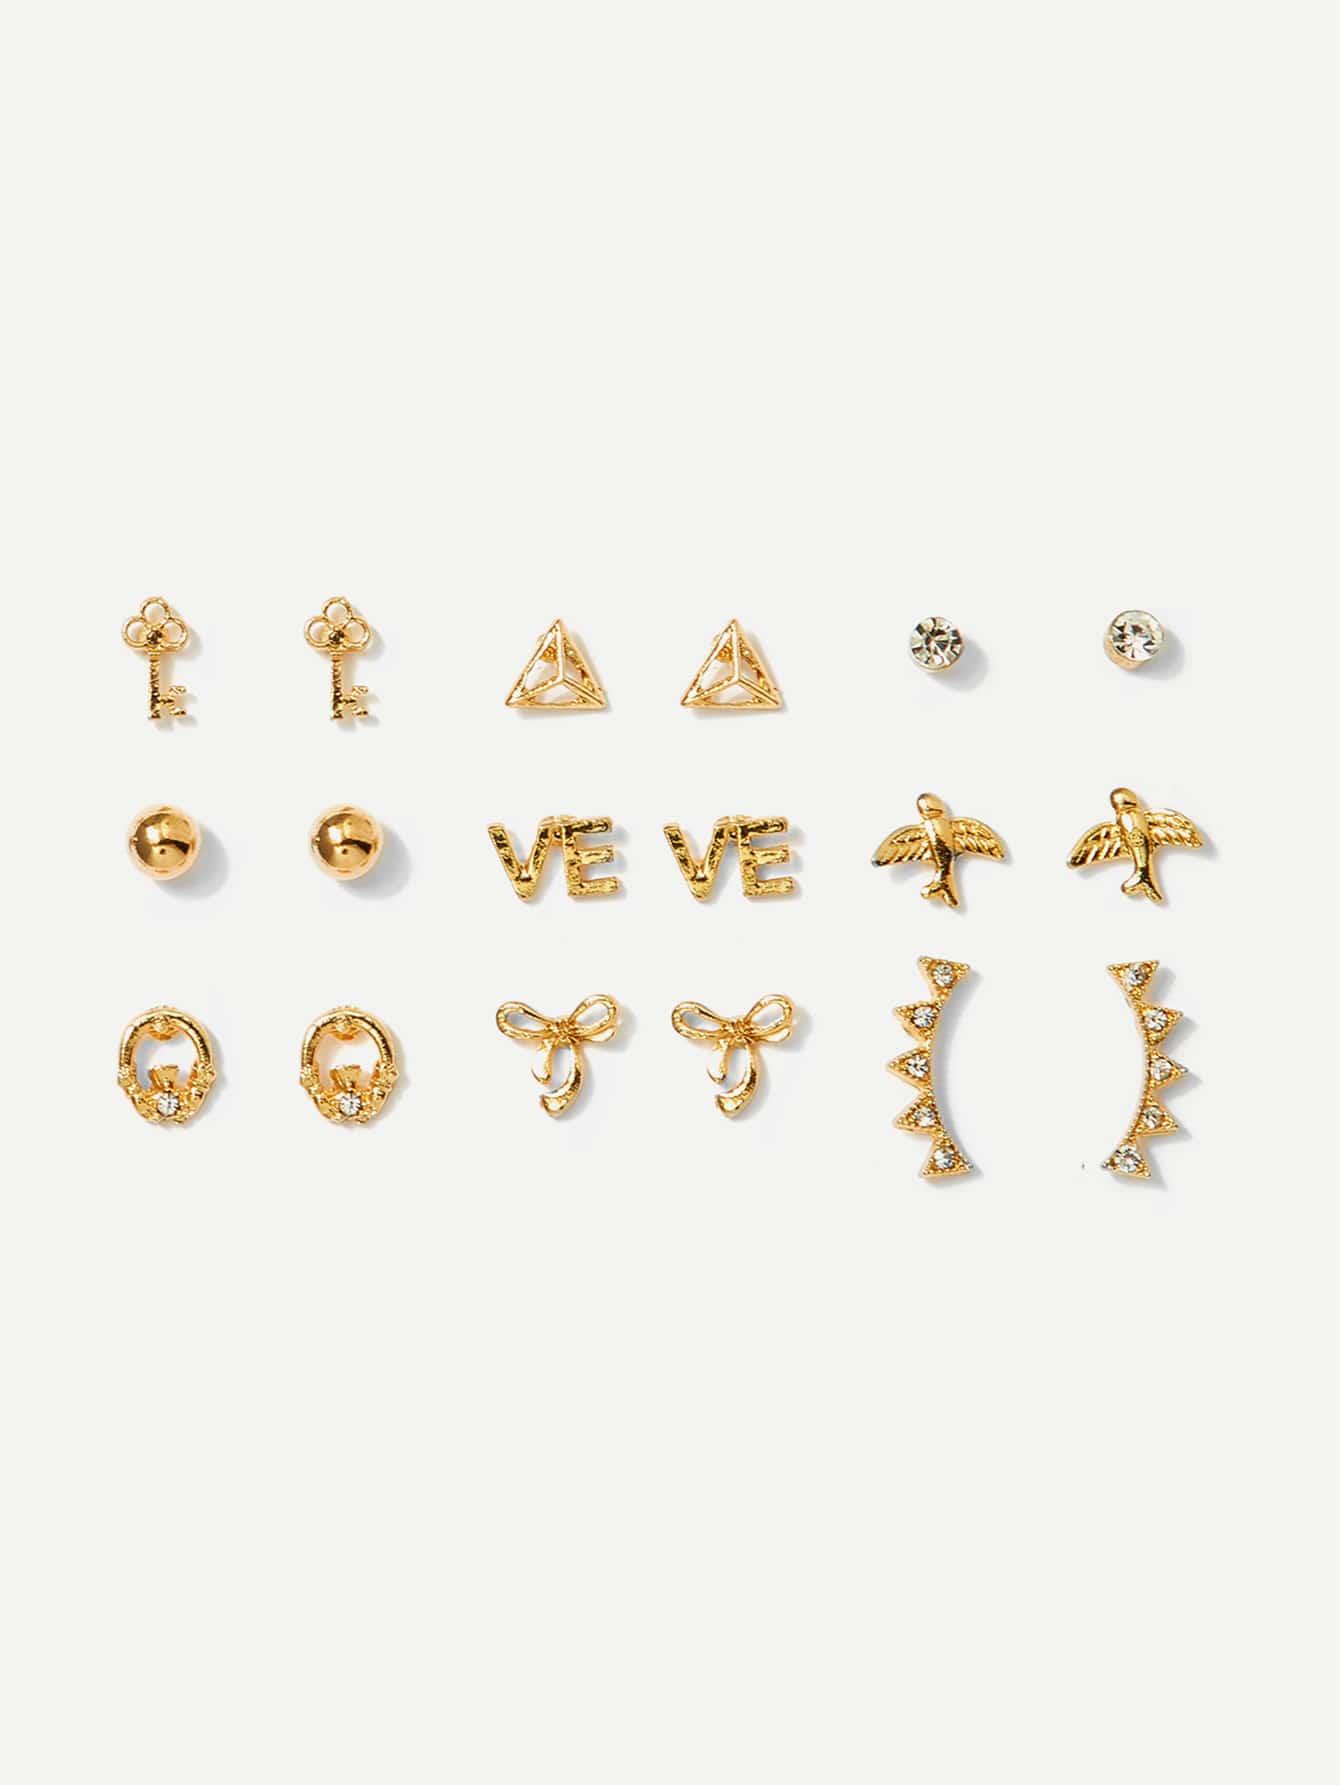 Bird & Key Detail Stud Earrings 9pairs